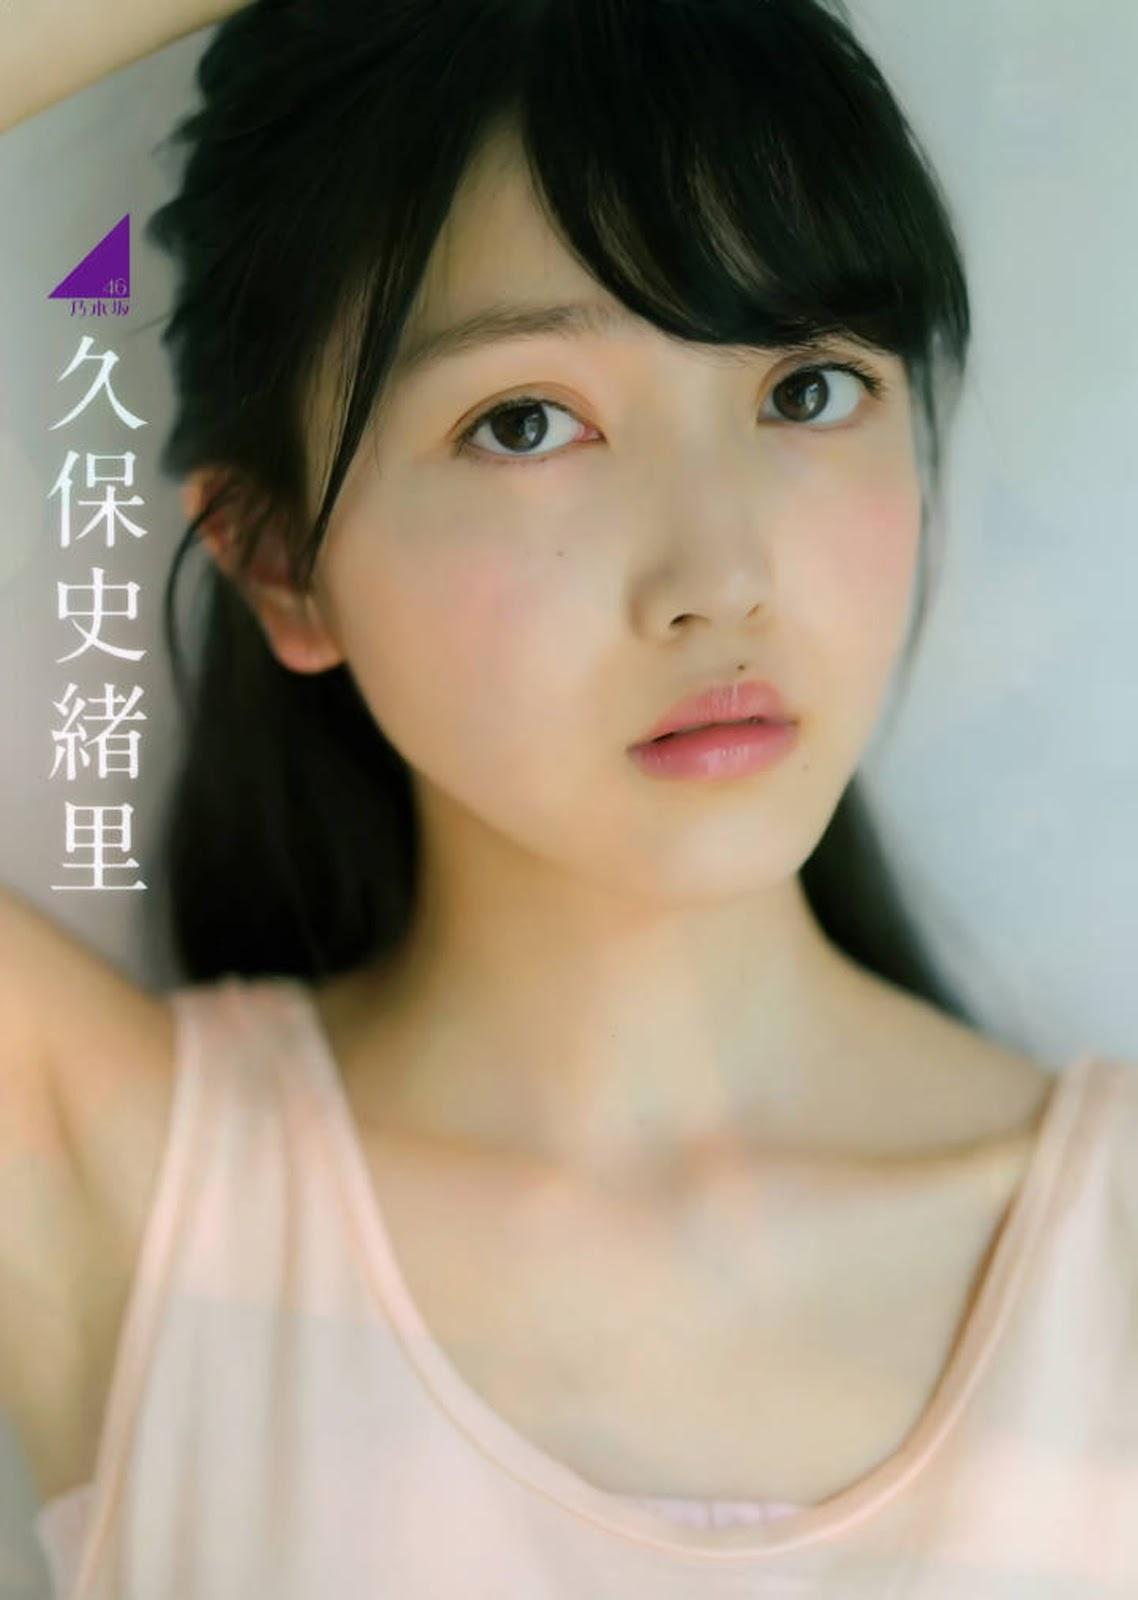 Yamashita Mizuki 山下美月, Kubo Shiori 久保史緒里, Ex-Taishu 2017.10 (EX大衆 2017年10月号)